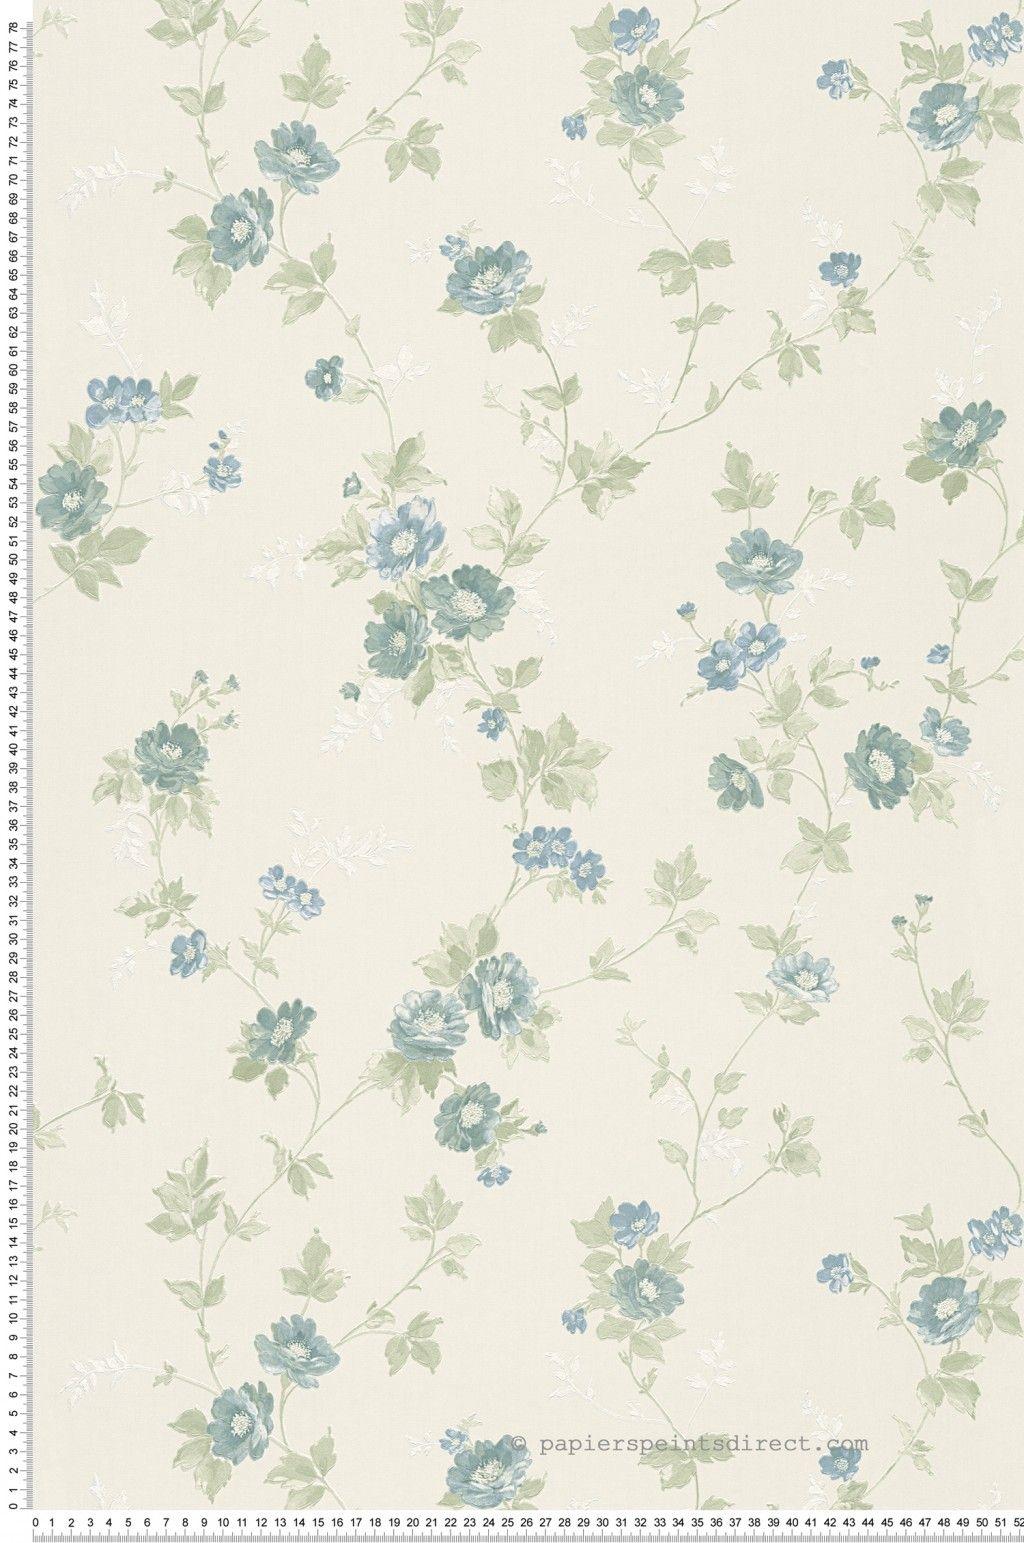 Petites fleurs bleues - Papier peint Romantica 3 d\'AS Création